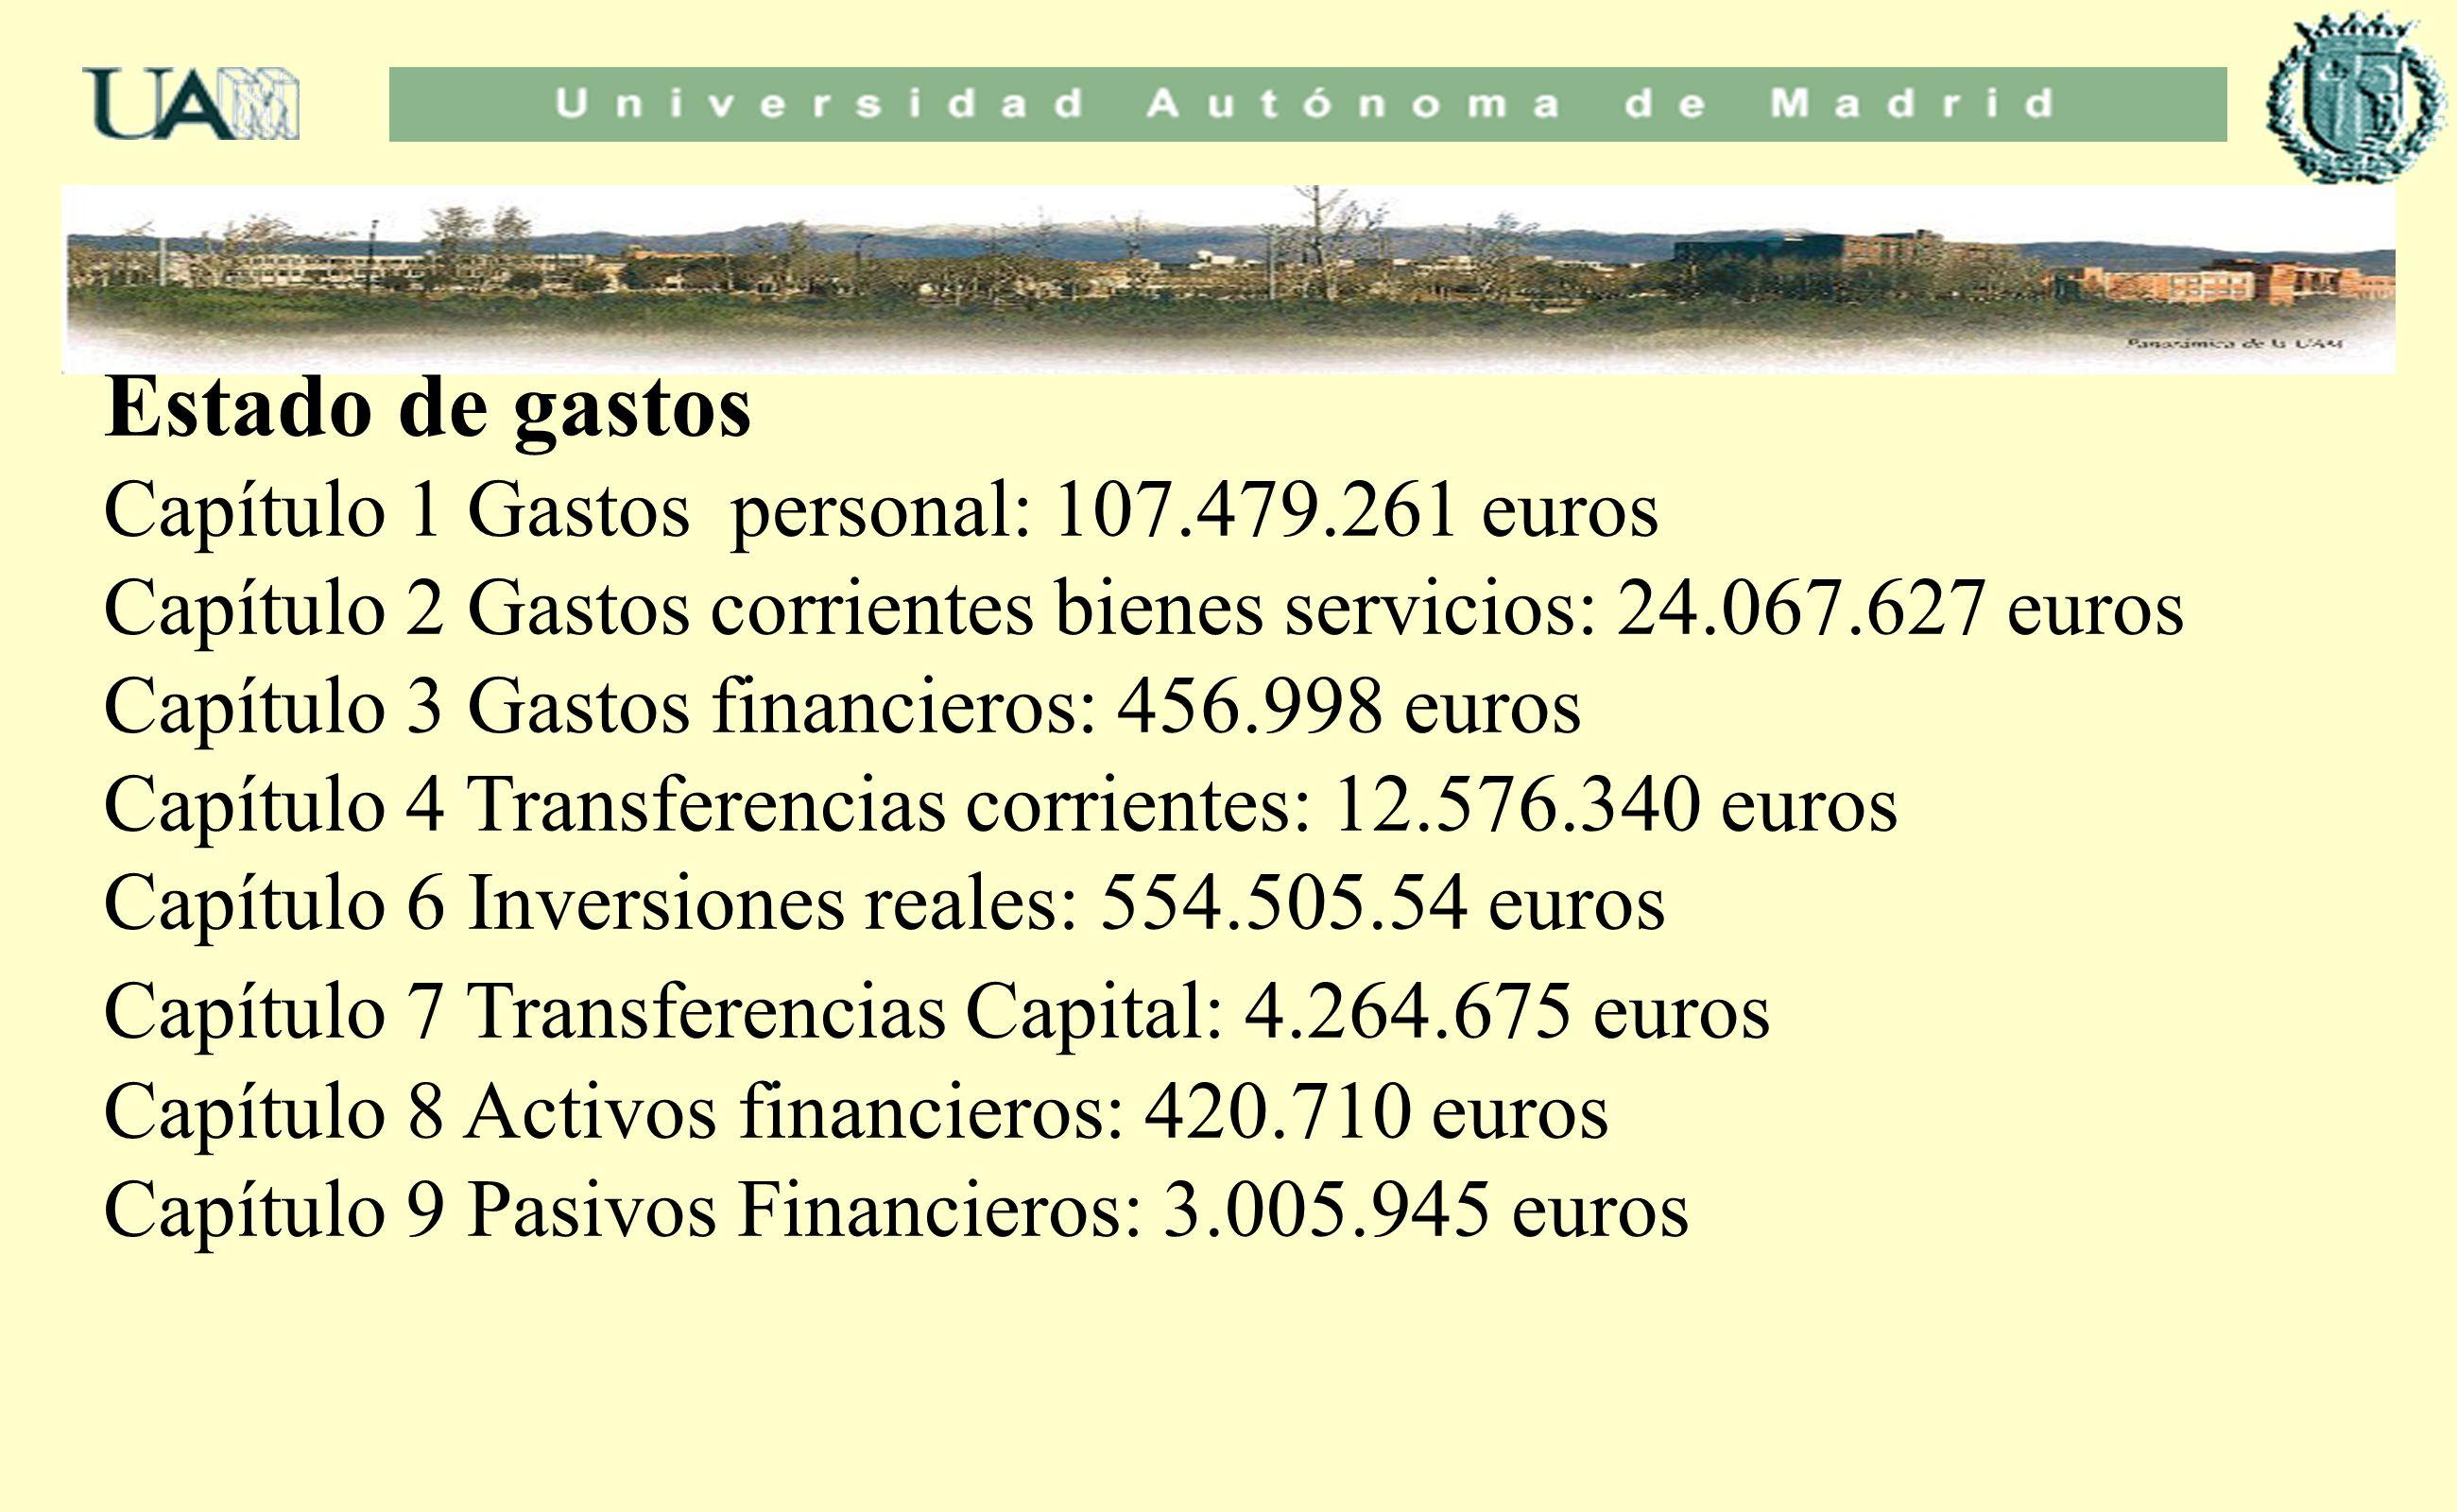 Estado de gastos Capítulo 1 Gastos personal: 107.479.261 euros Capítulo 2 Gastos corrientes bienes servicios: 24.067.627 euros Capítulo 3 Gastos finan